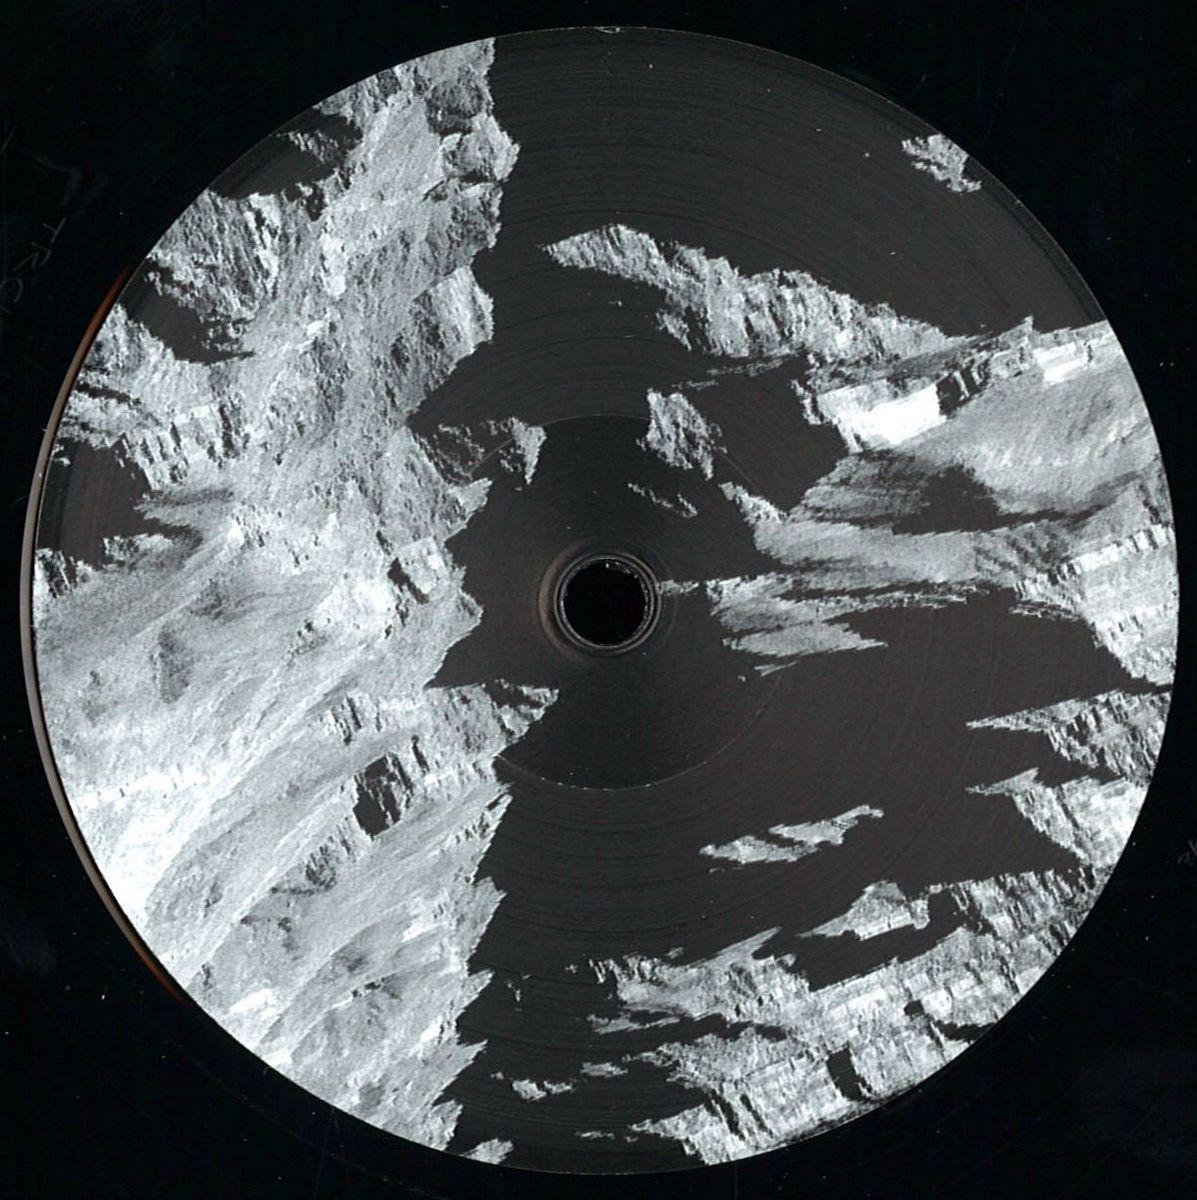 Bnjmn Paean Tiercel Trcl1 Vinyl